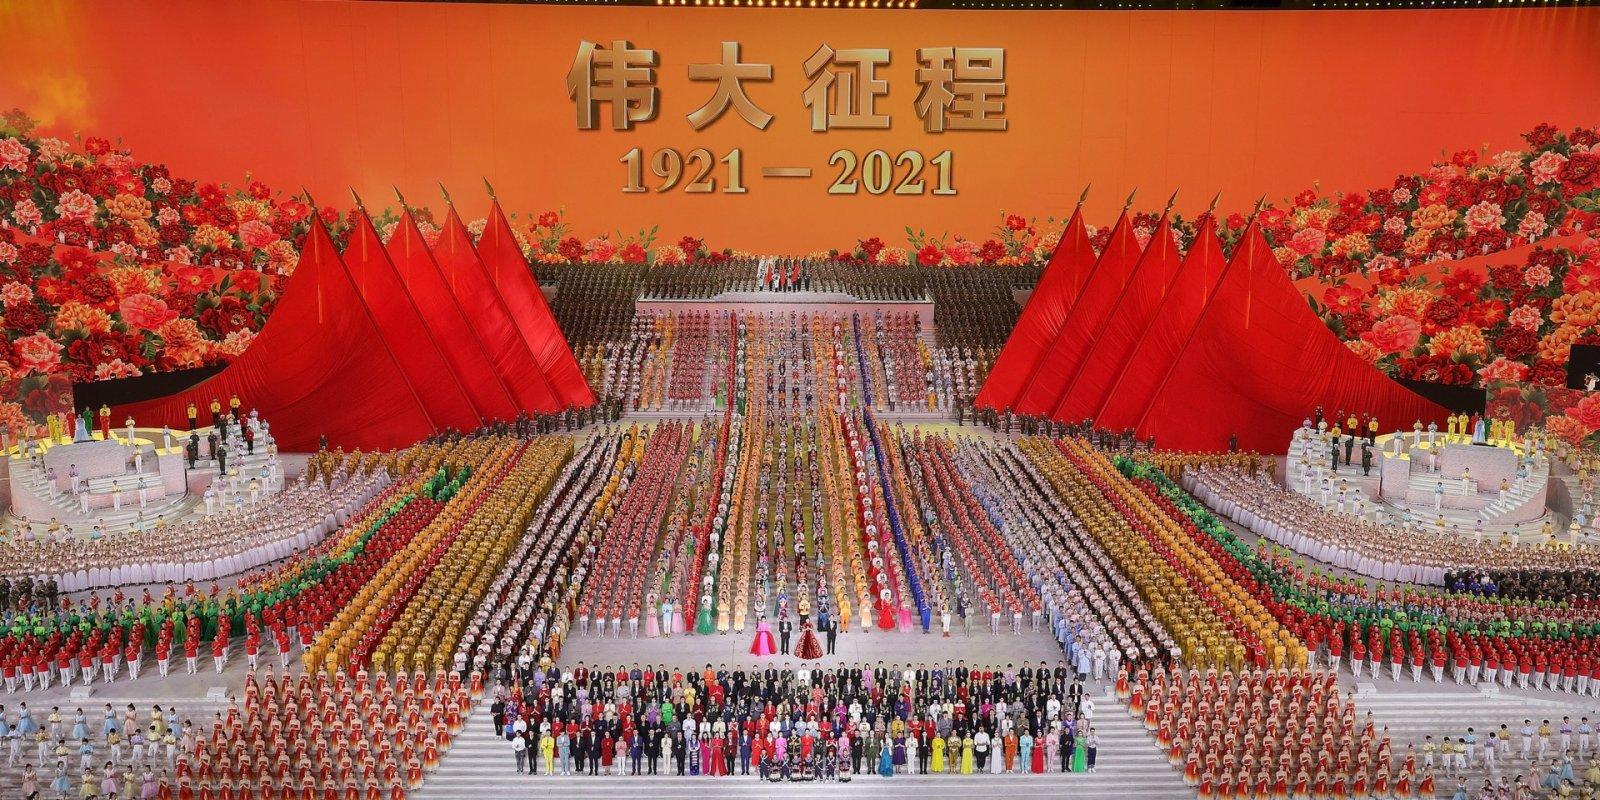 【點直播】7月1日 偉大征程——慶祝建黨百年大型情景史詩